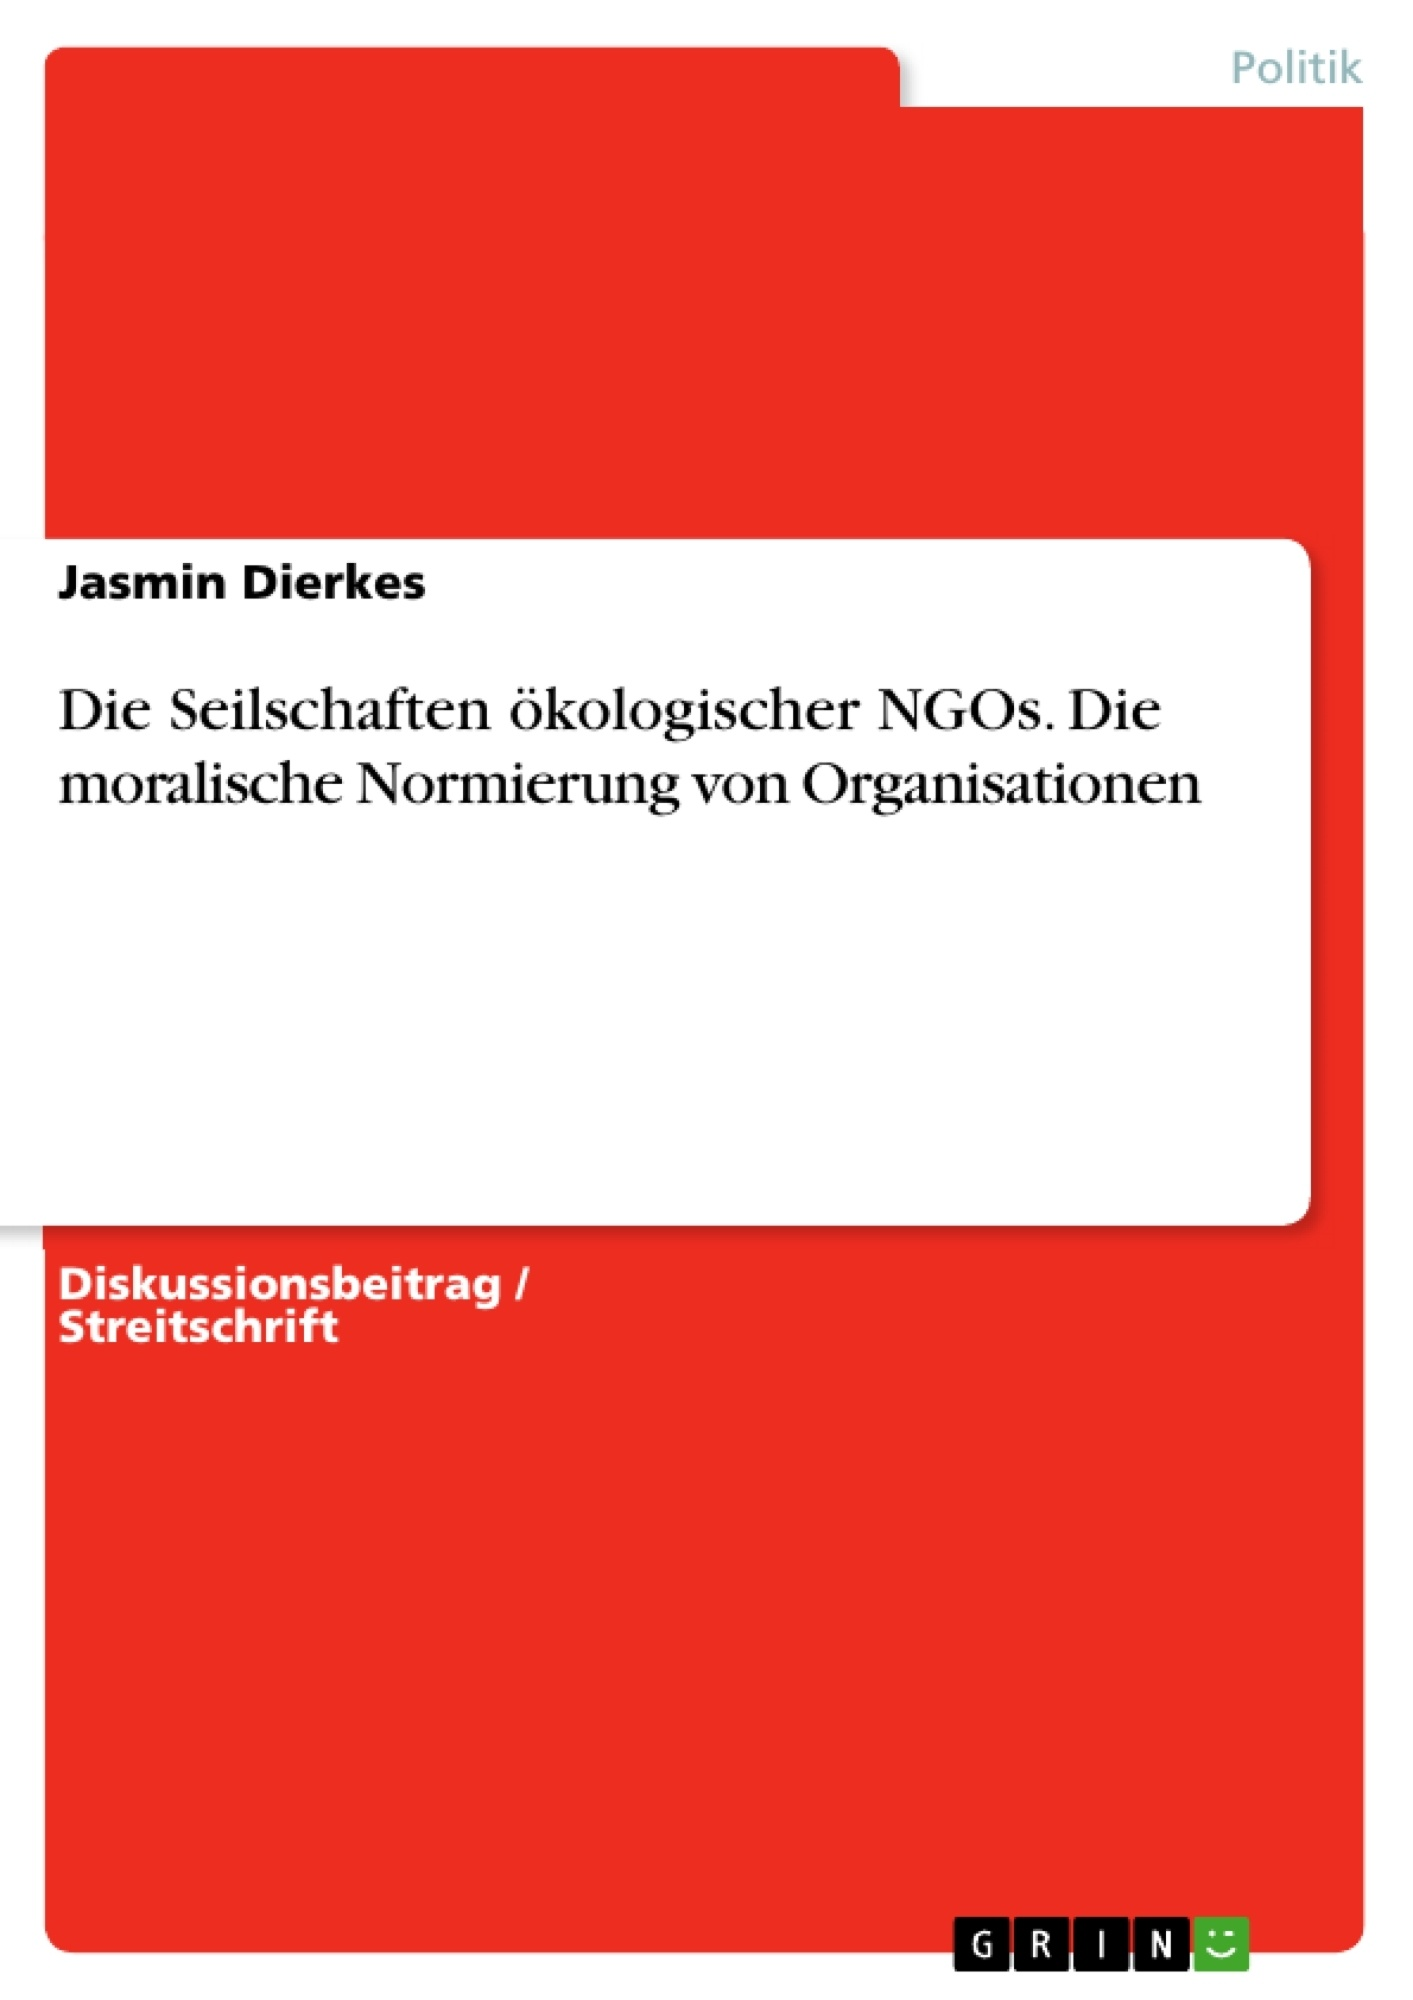 Titel: Die Seilschaften ökologischer NGOs. Die moralische Normierung von Organisationen